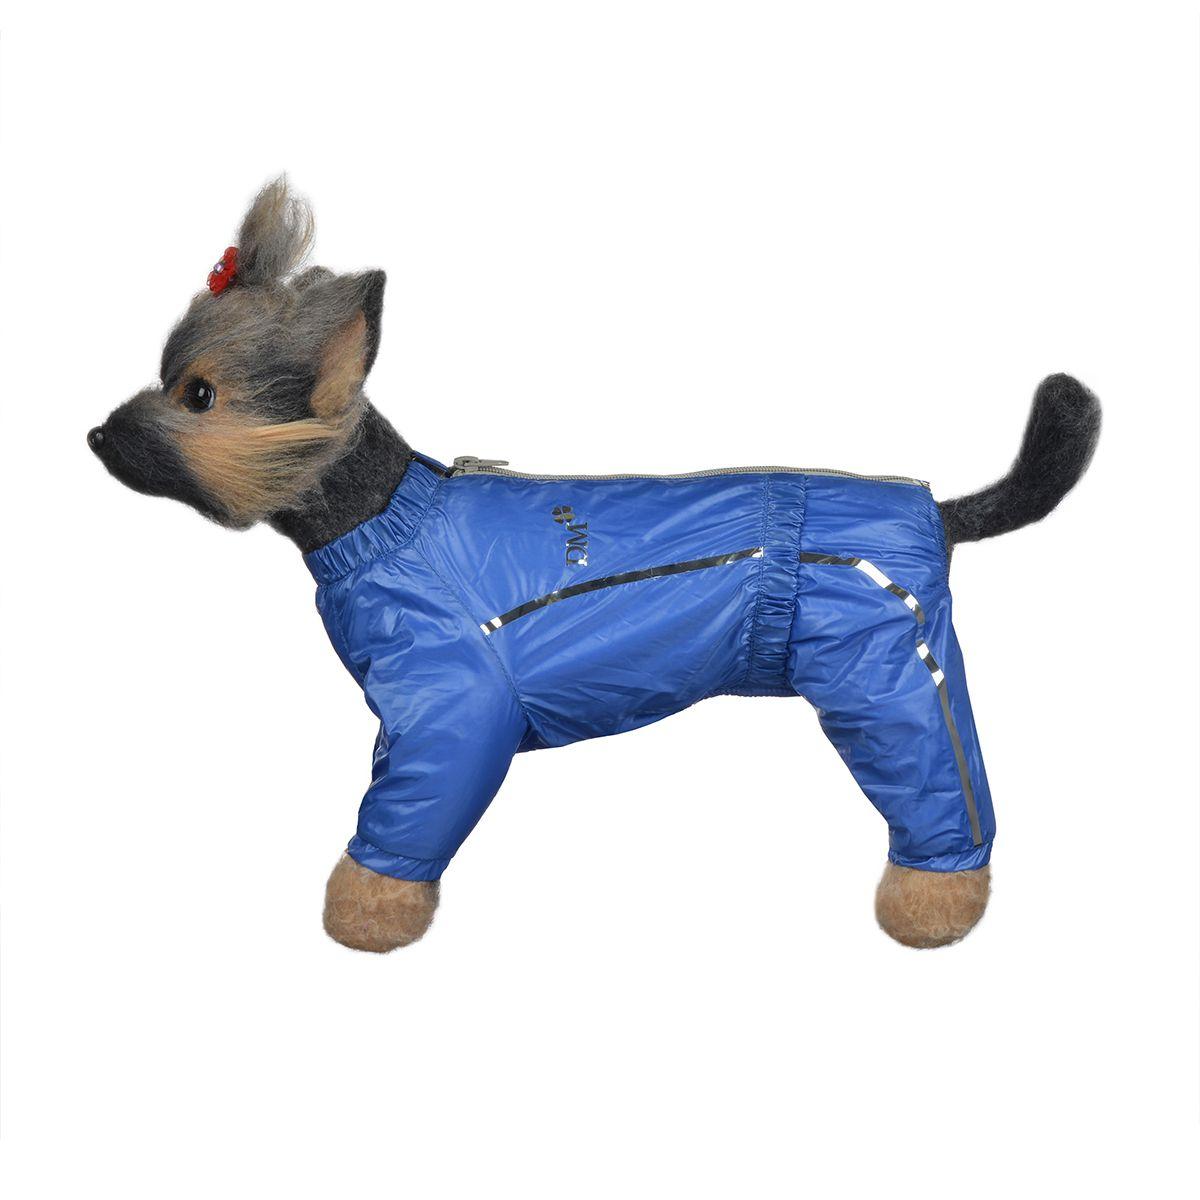 Комбинезон для собак Dogmoda Альпы, для мальчика, цвет: синий. Размер 2 (M)DM-150329-2Комбинезон для собак Dogmoda Альпы отлично подойдет для прогулок поздней осенью или ранней весной. Комбинезон изготовлен из полиэстера, защищающего от ветра и осадков, с подкладкой из флиса, которая сохранит тепло и обеспечит отличный воздухообмен. Комбинезон застегивается на молнию и липучку, благодаря чему его легко надевать и снимать. Ворот, низ рукавов и брючин оснащены внутренними резинками, которые мягко обхватывают шею и лапки, не позволяя просачиваться холодному воздуху. На пояснице имеется внутренняя резинка. Изделие декорировано серебристыми полосками и надписью DM. Благодаря такому комбинезону простуда не грозит вашему питомцу и он не даст любимцу продрогнуть на прогулке.